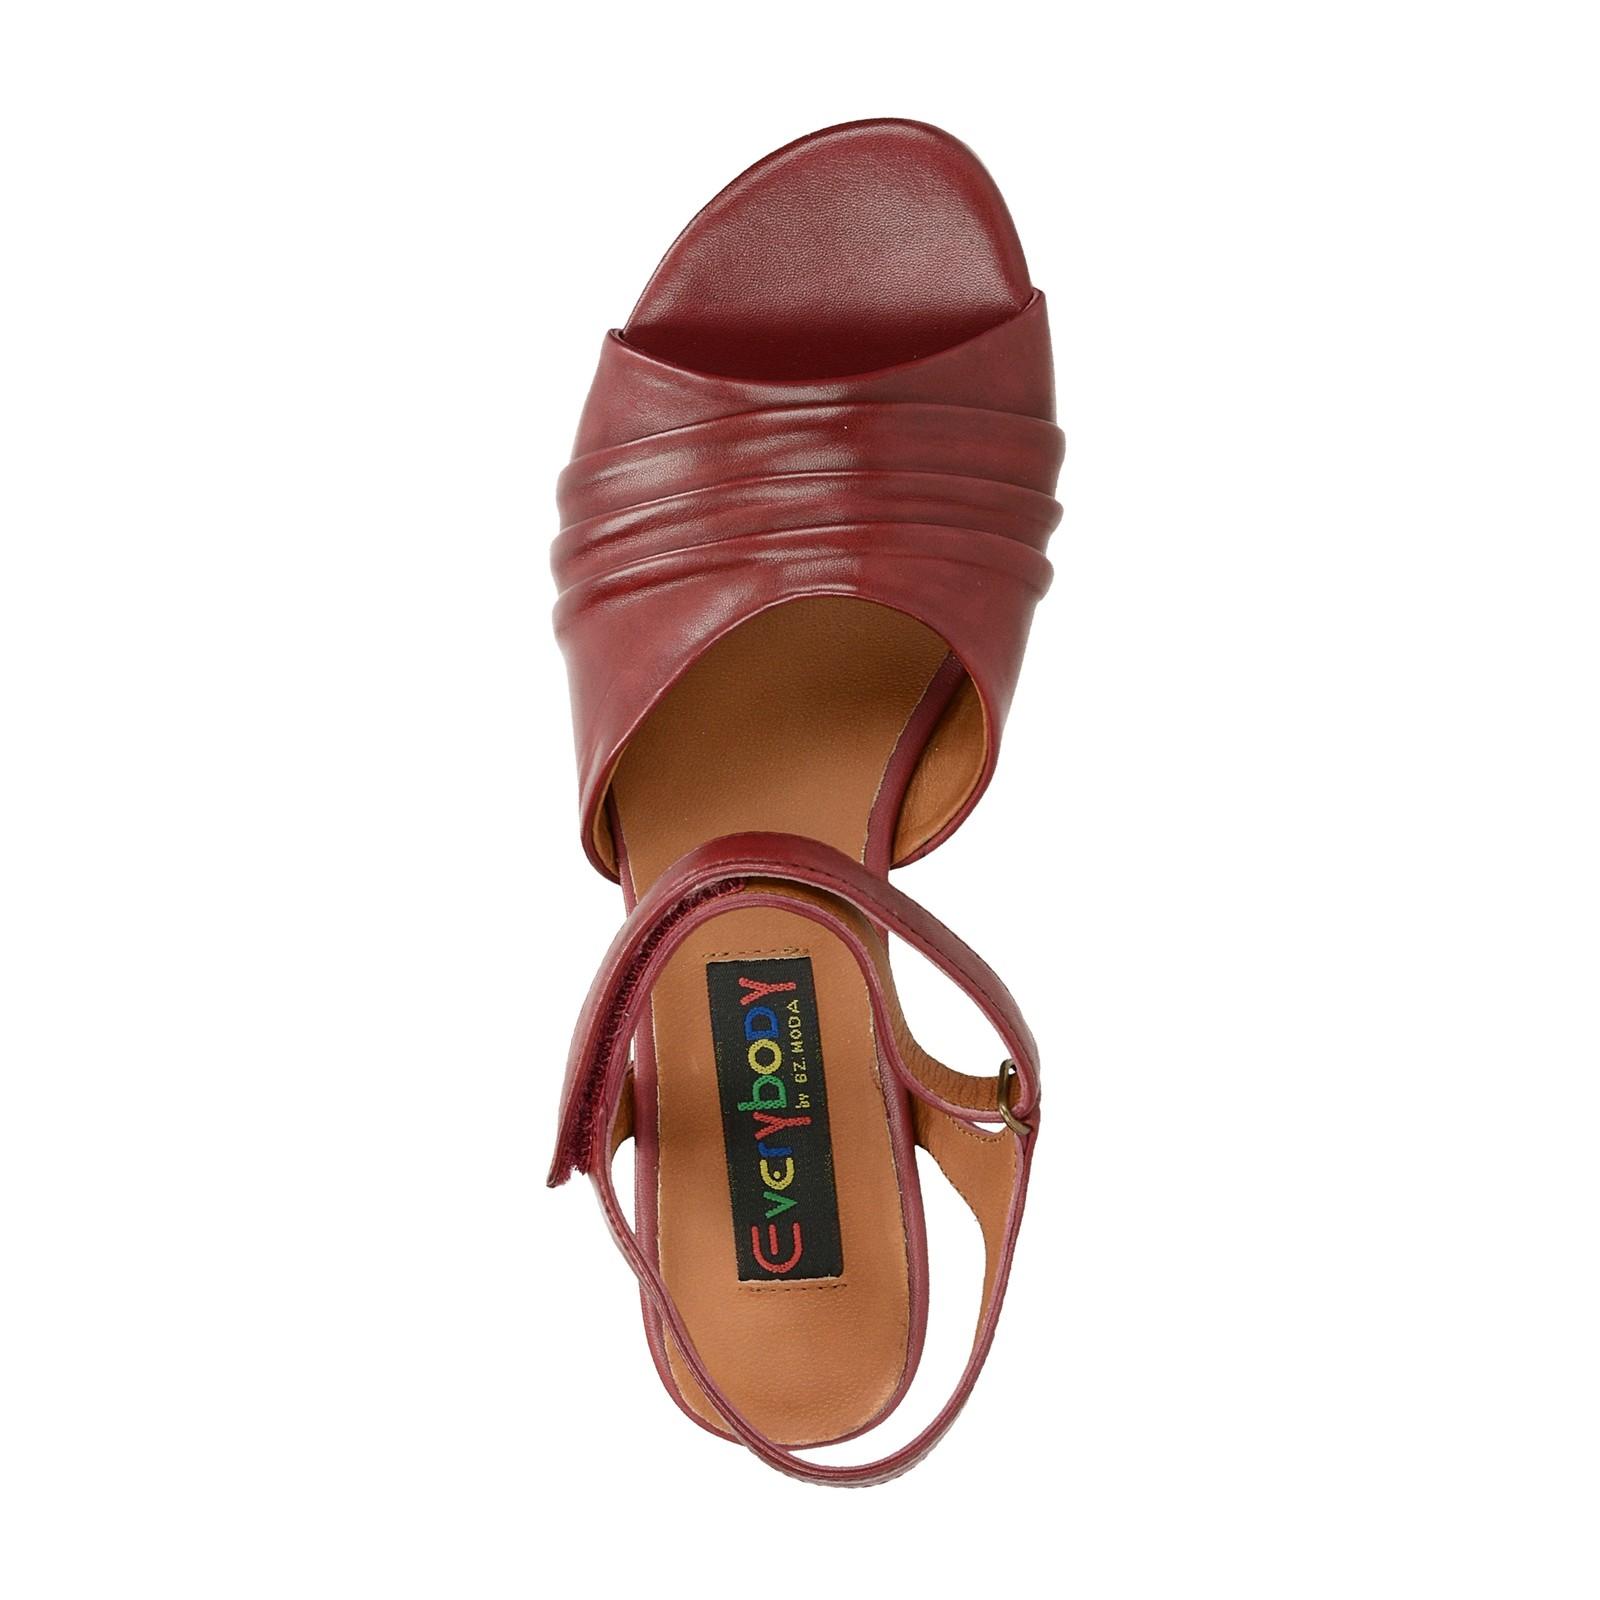 Everybody dámské kožené sandály - bordó